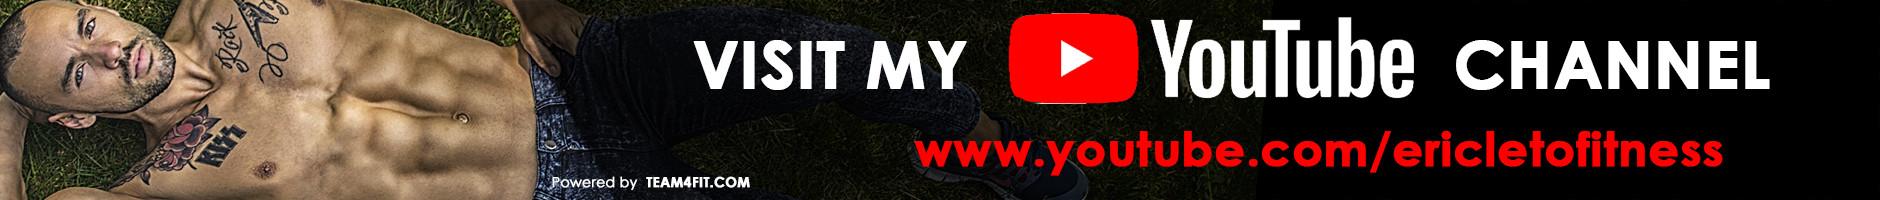 baner_youtube_paginas